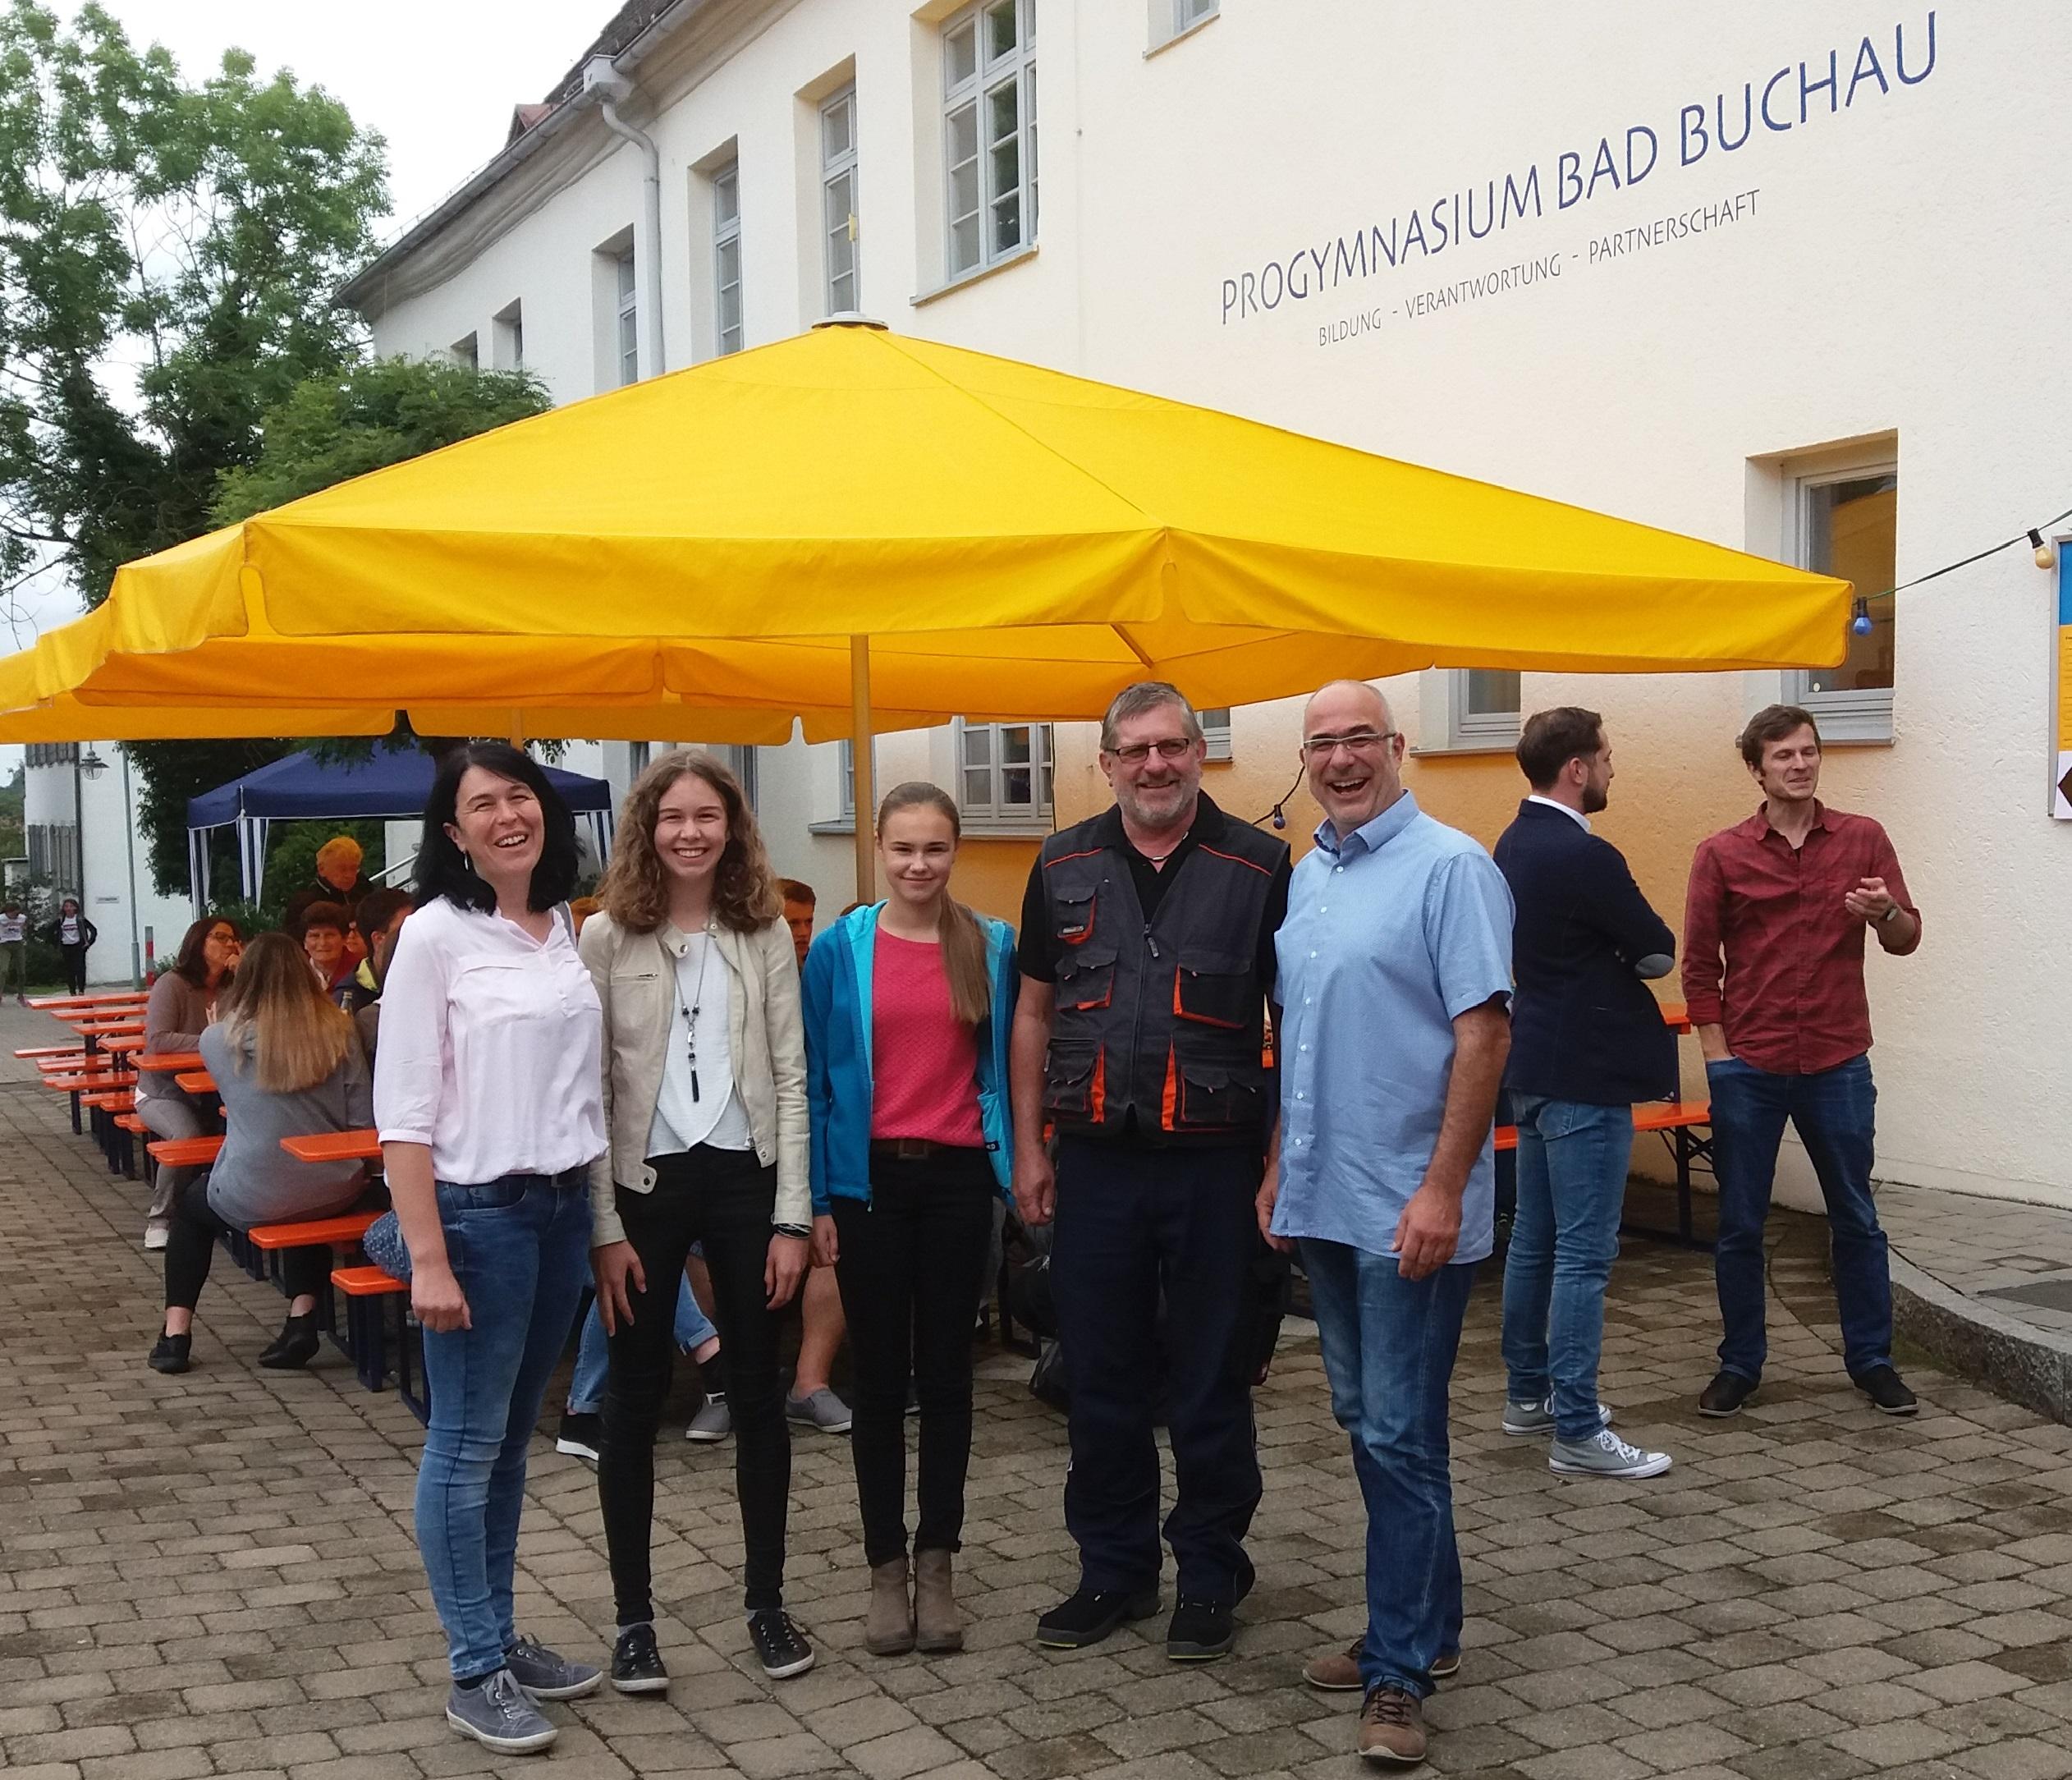 Moorochsen und Förderverein spenden Schirme für das Progymnasium